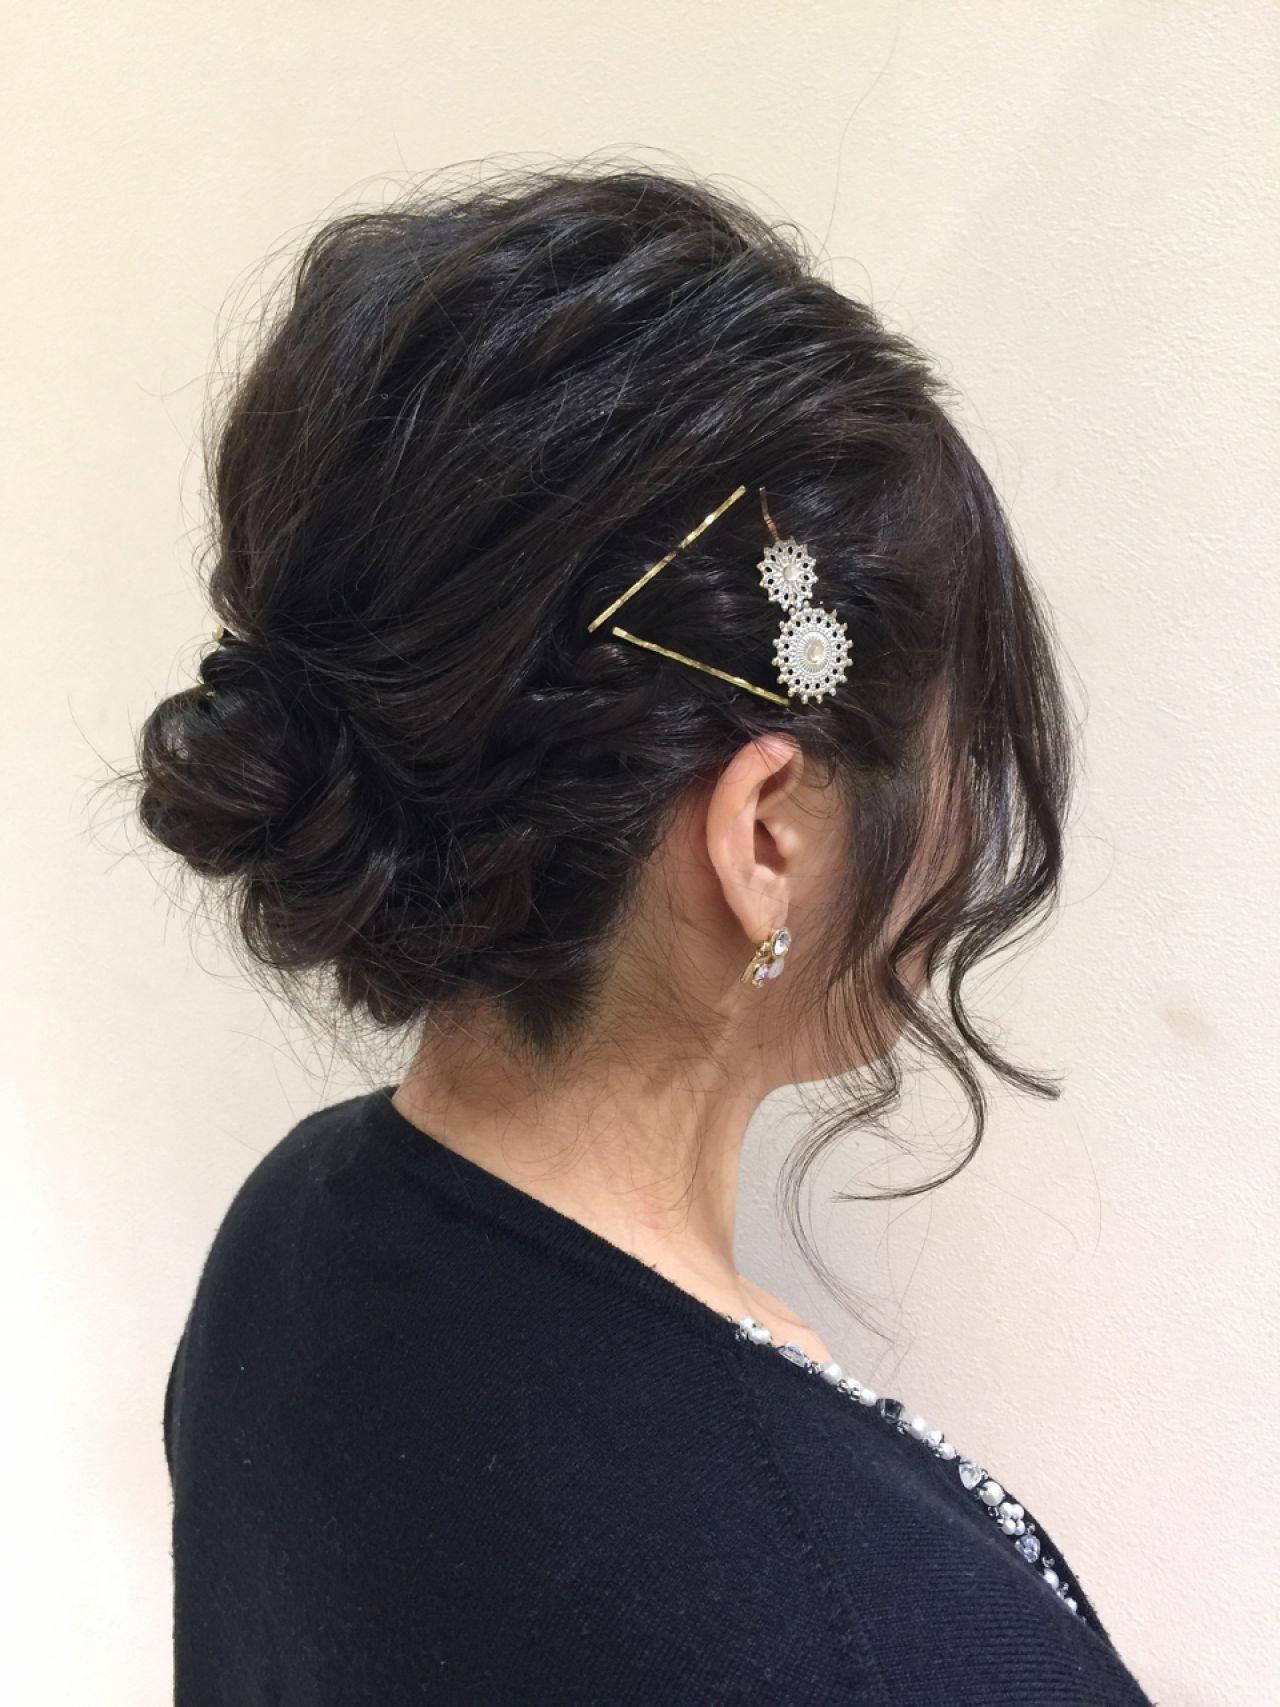 ヘアアレンジ セミロング 結婚式 パーティ ヘアスタイルや髪型の写真・画像